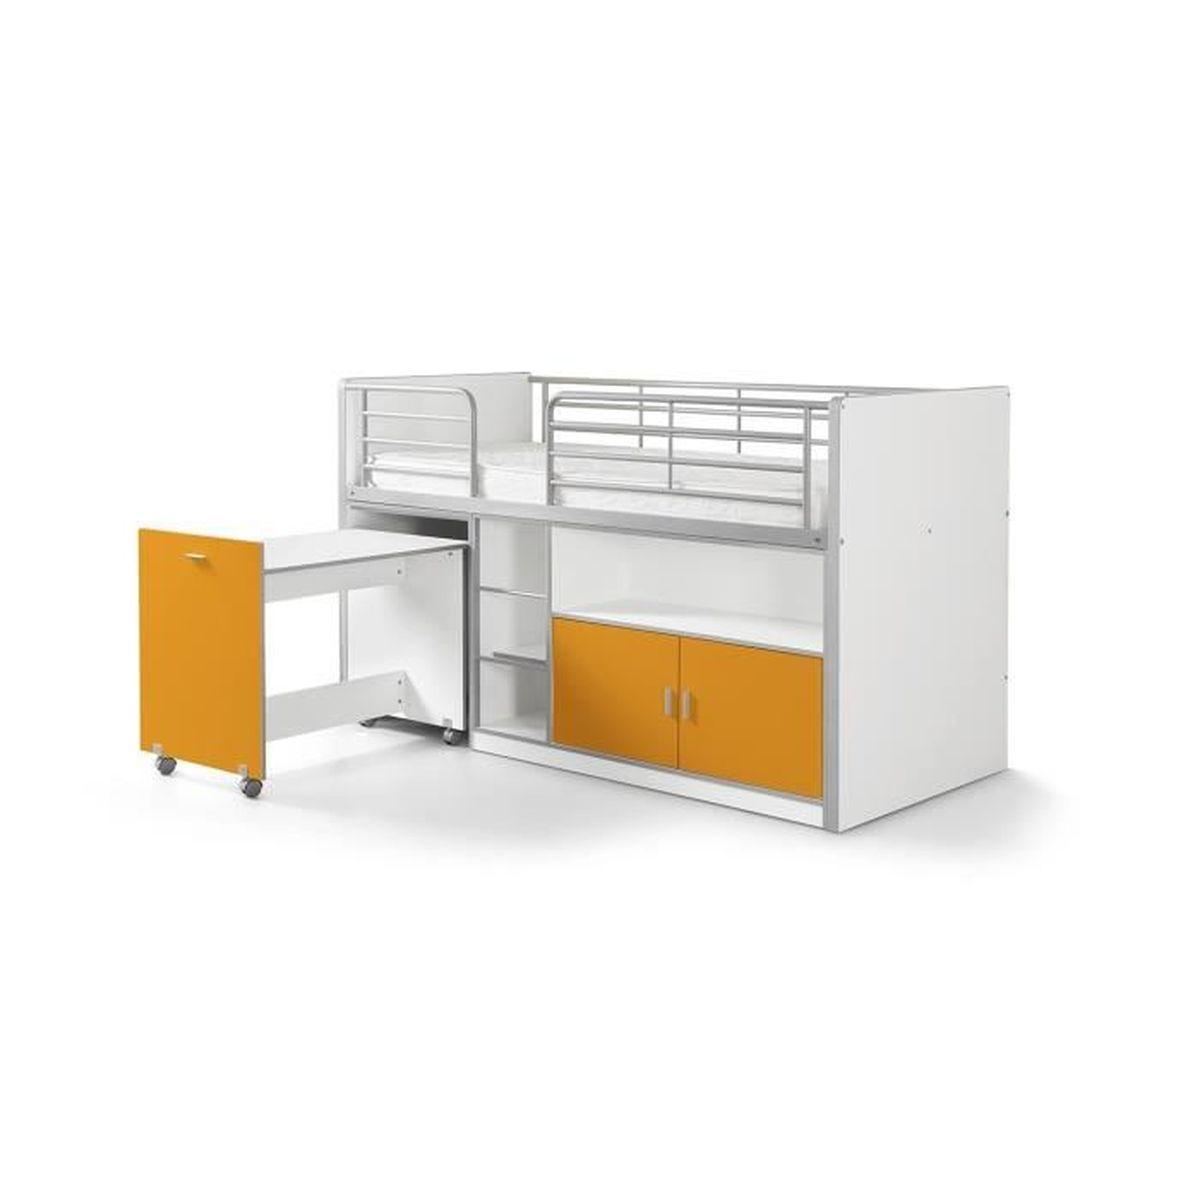 vipack lit mezzanine bureau rangement 90x 200 bonny orange achat vente lit mezzanine. Black Bedroom Furniture Sets. Home Design Ideas